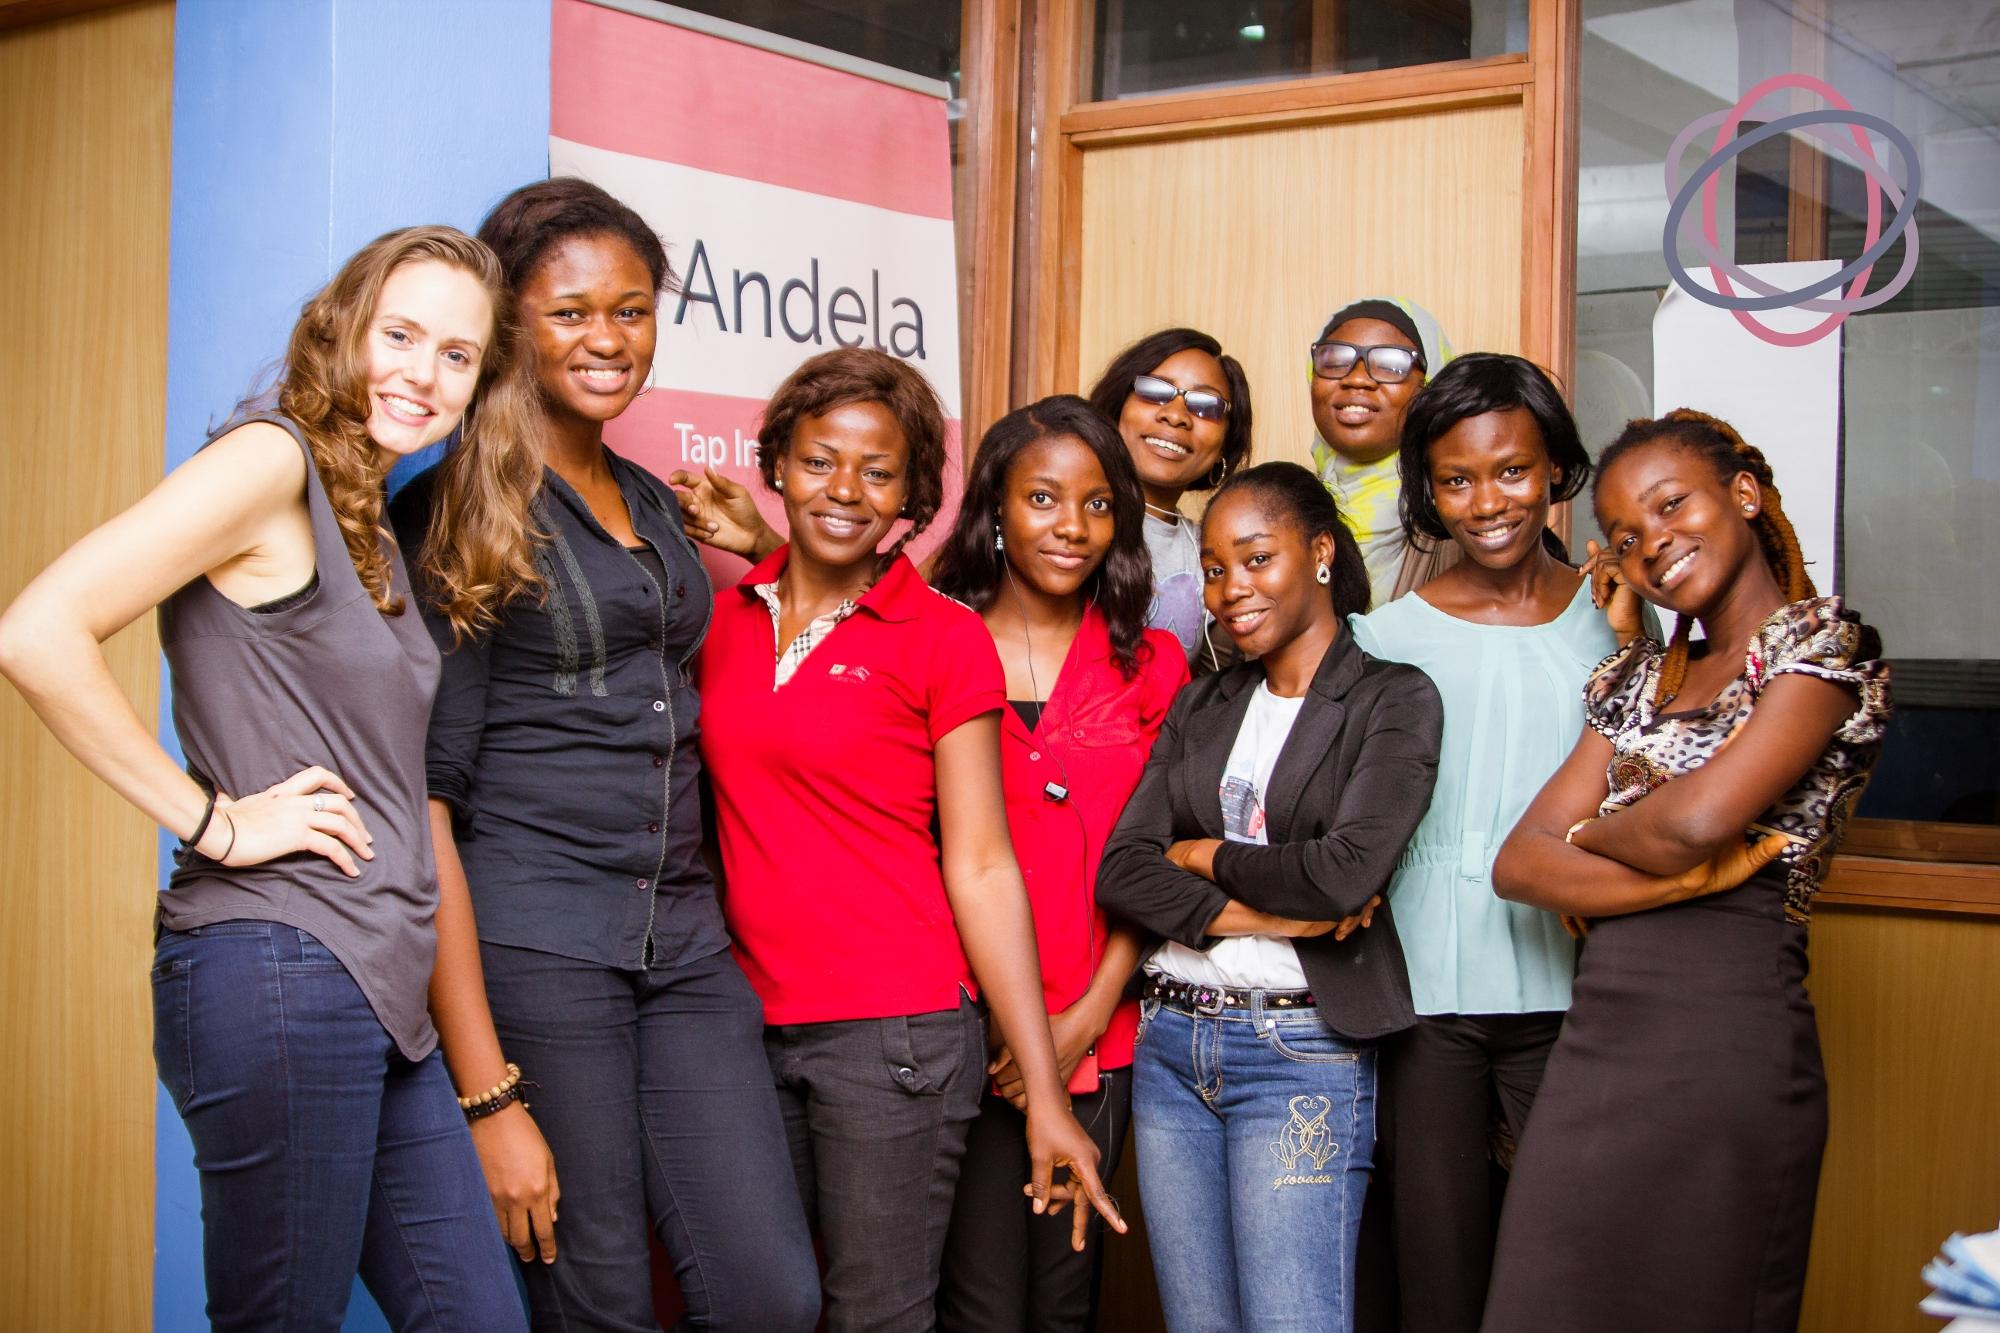 andela-office